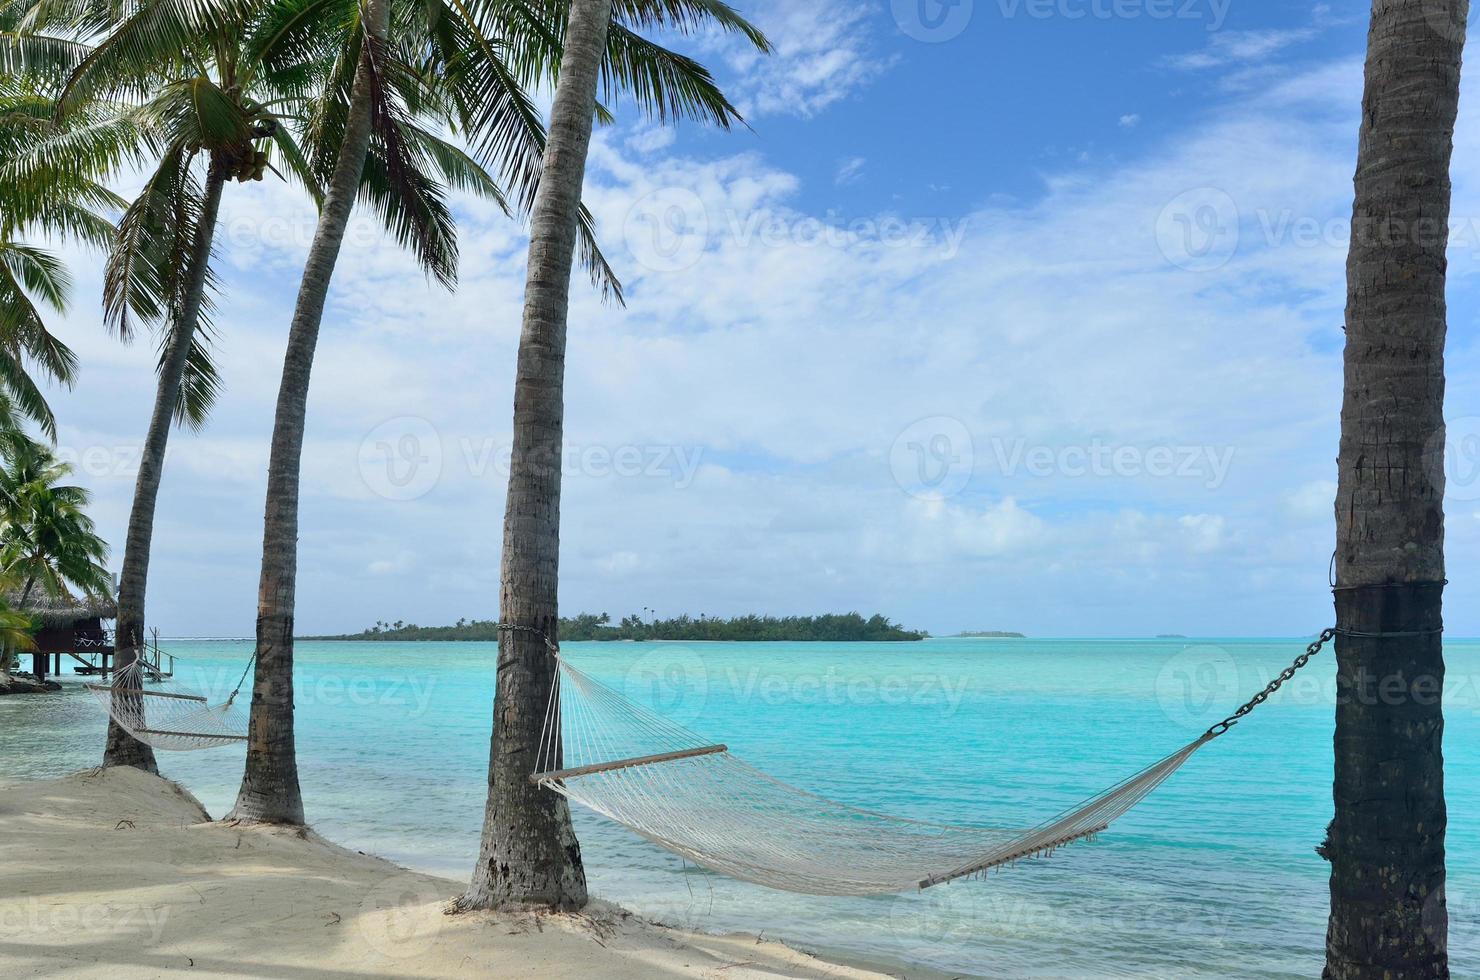 hangmat op tropisch eiland foto